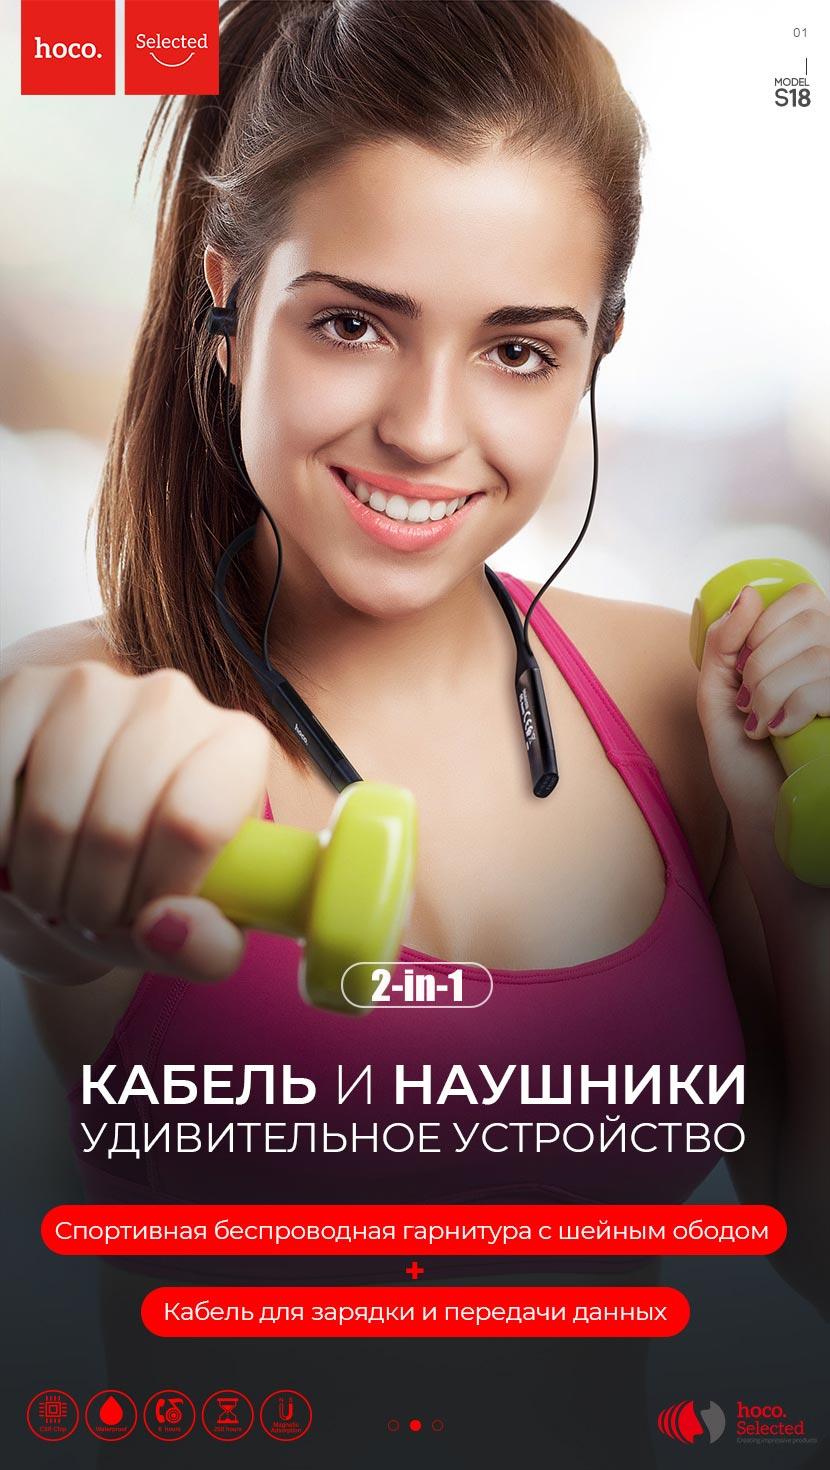 hoco selected новости s18 glamor спортивная беспроводная гарнитура главная ru